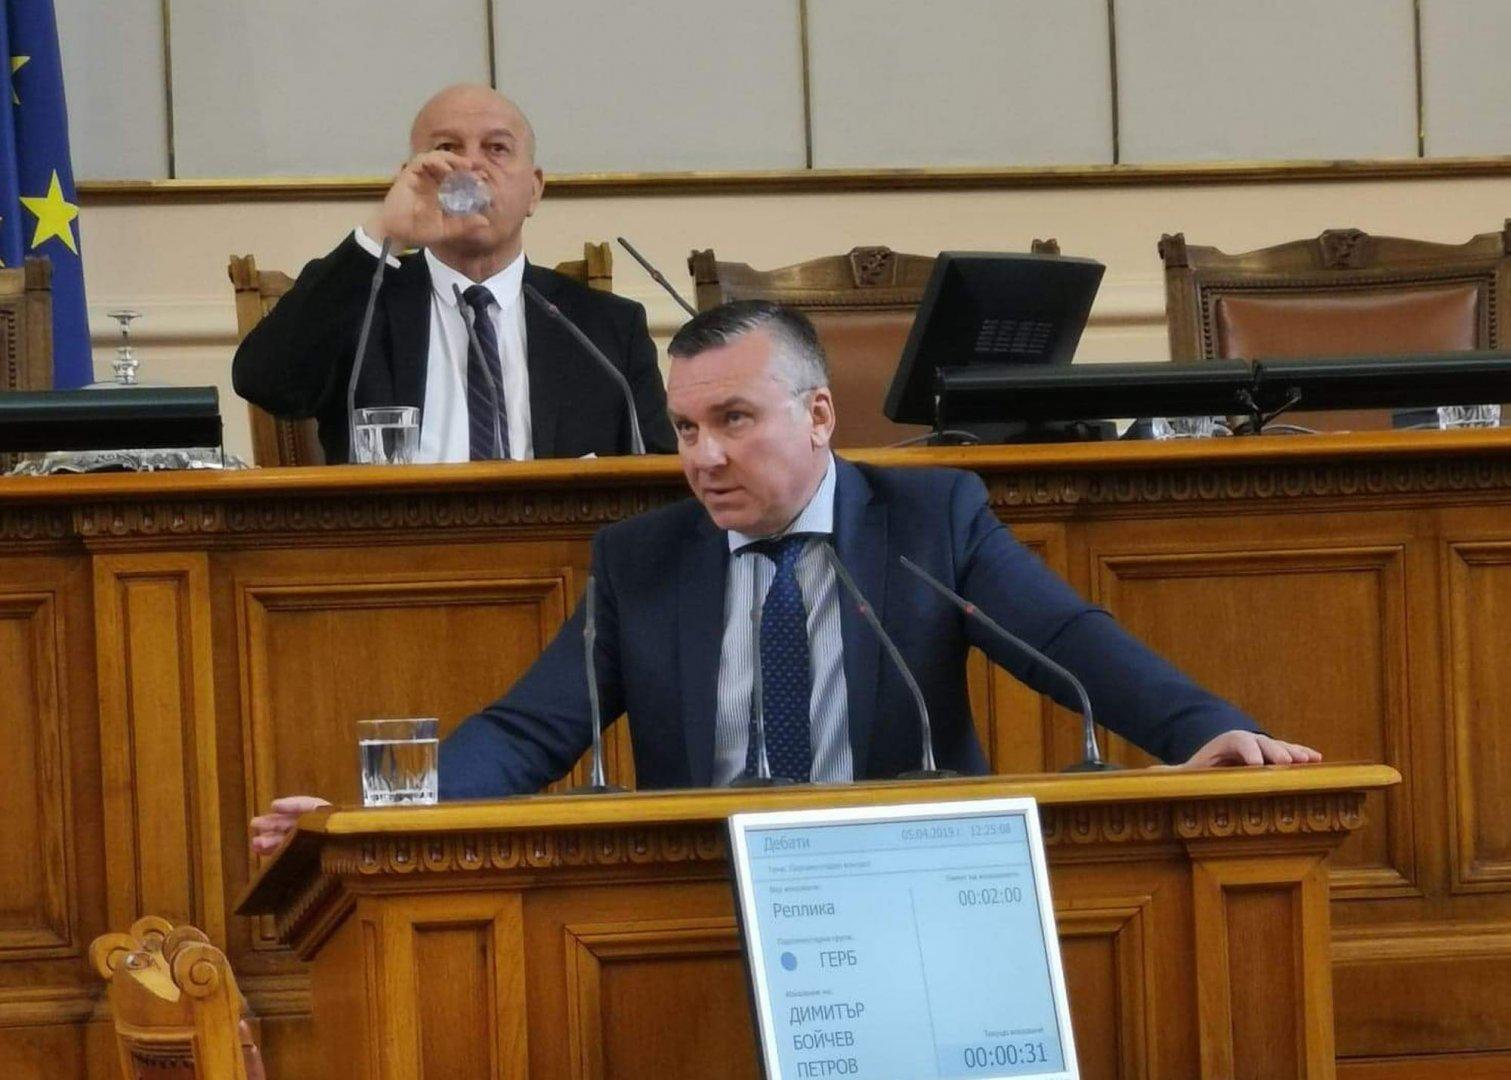 Бургаският депутат от ГЕРБ Димитър Бойчев повдигна темата за ремонта. Снимка ГЕРБ - Бургас